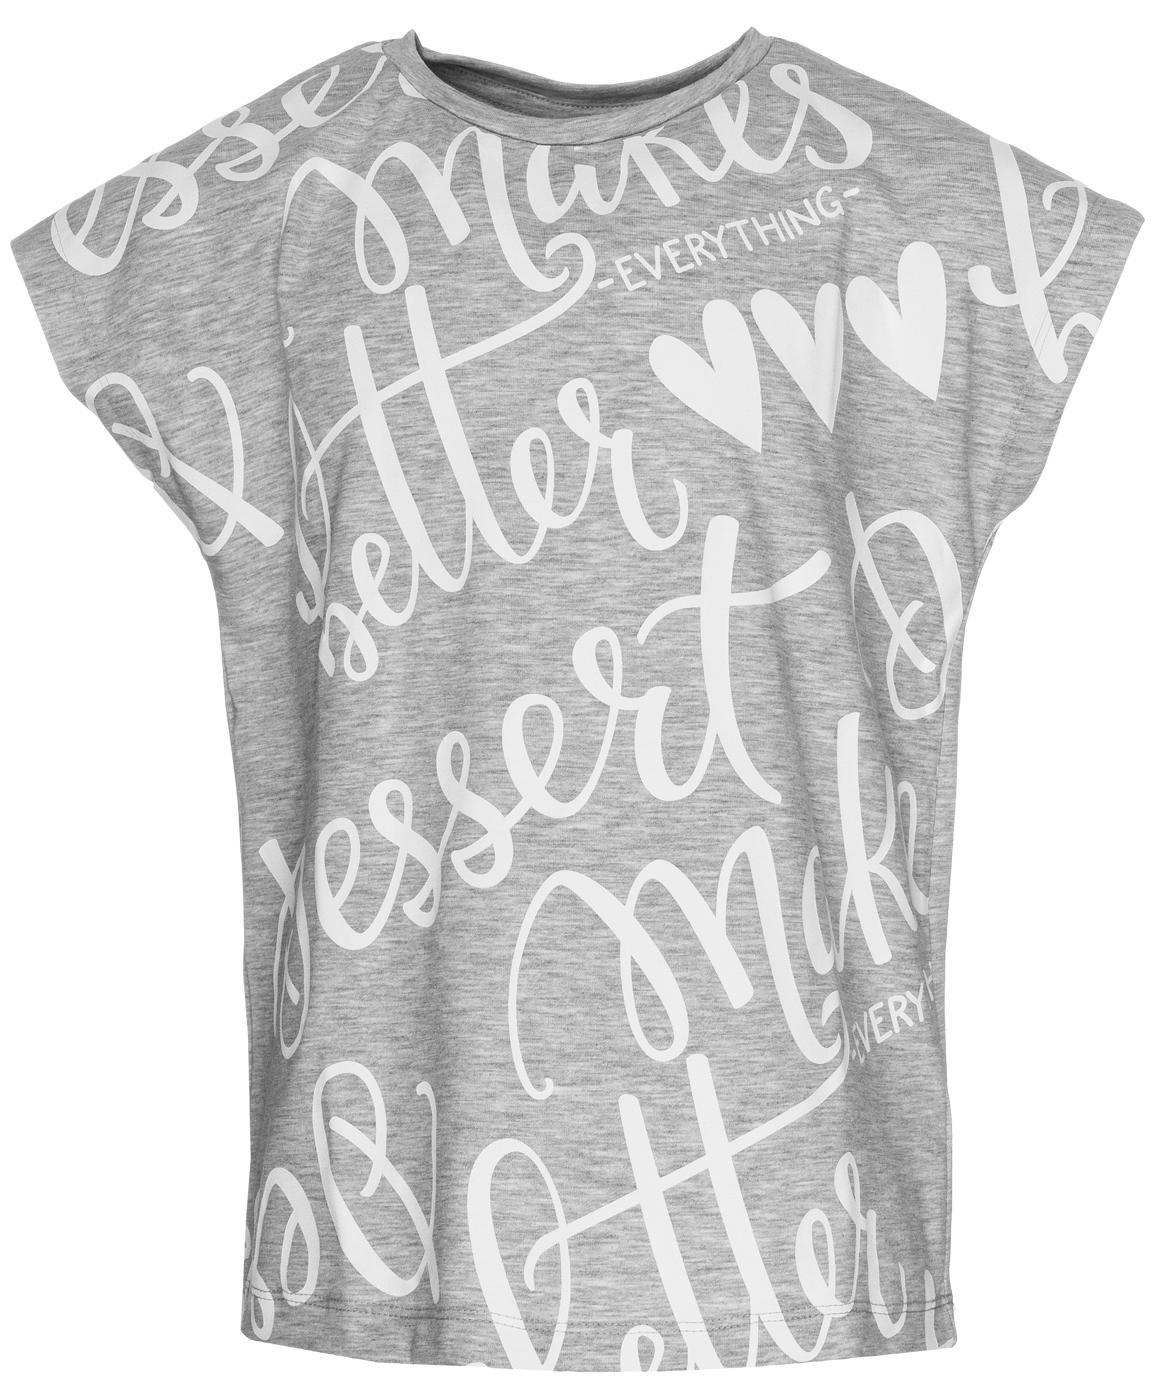 Купить 119BBGC12051900, Серая футболка с надписью Button Blue, серый, 134, Женский, ВЕСНА/ЛЕТО 2019 (shop: GulliverMarket Gulliver Market)